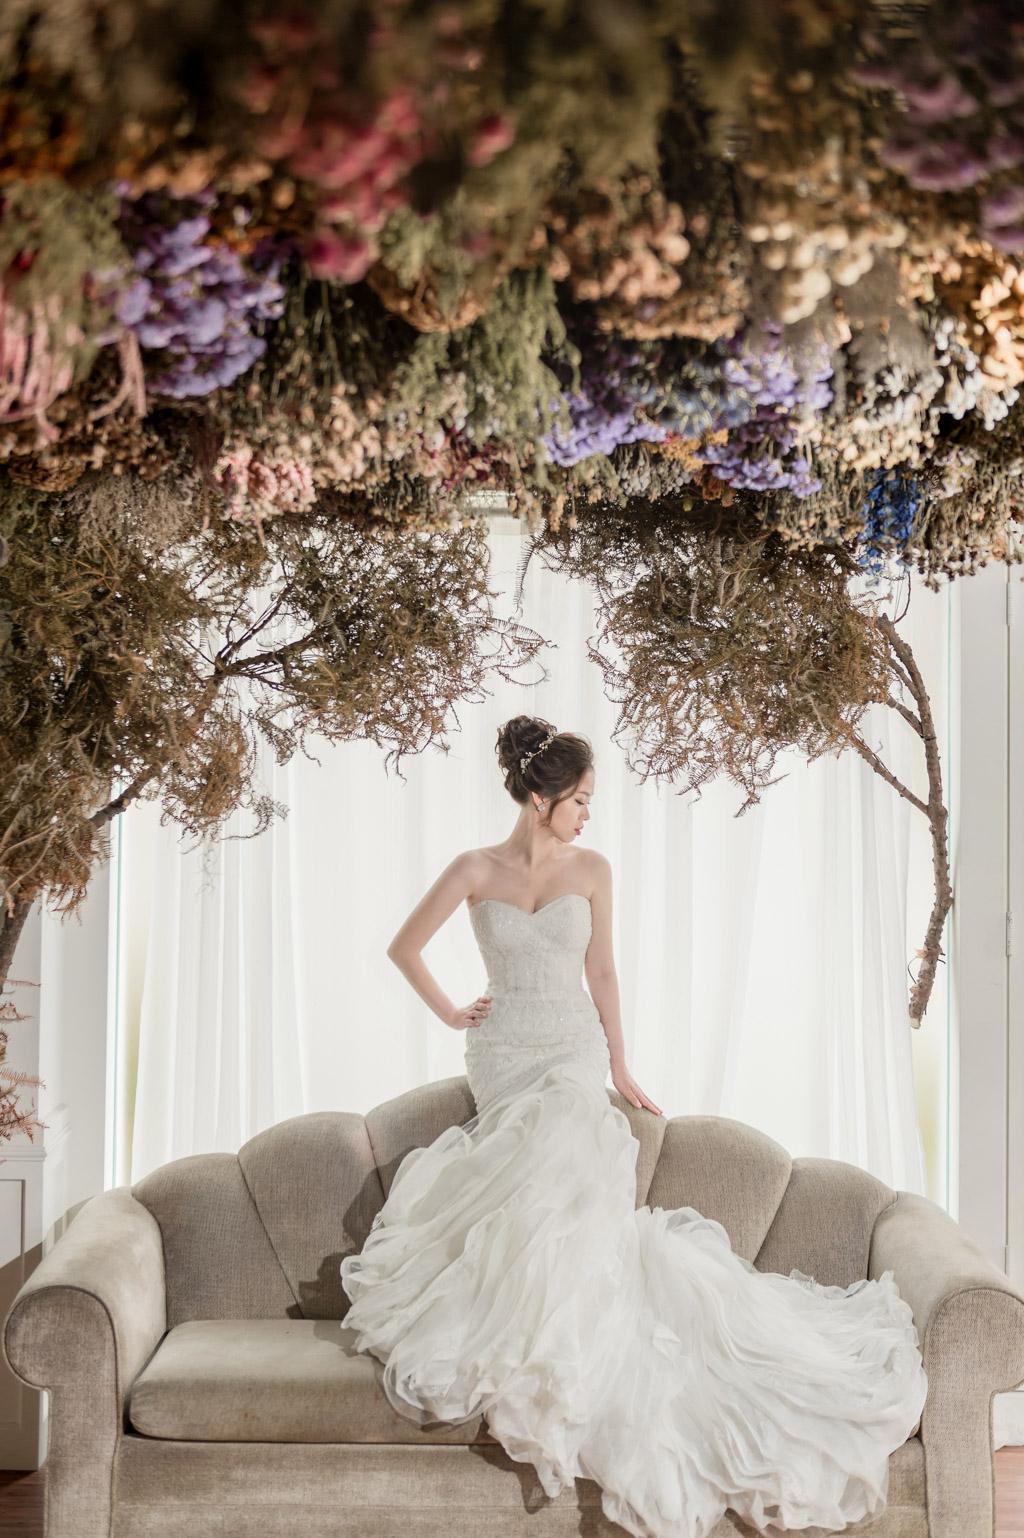 婚攝小勇, 小寶團隊, 藝紋, 自助婚紗, 婚禮紀錄, Cheri,台北婚紗,wedding day-012